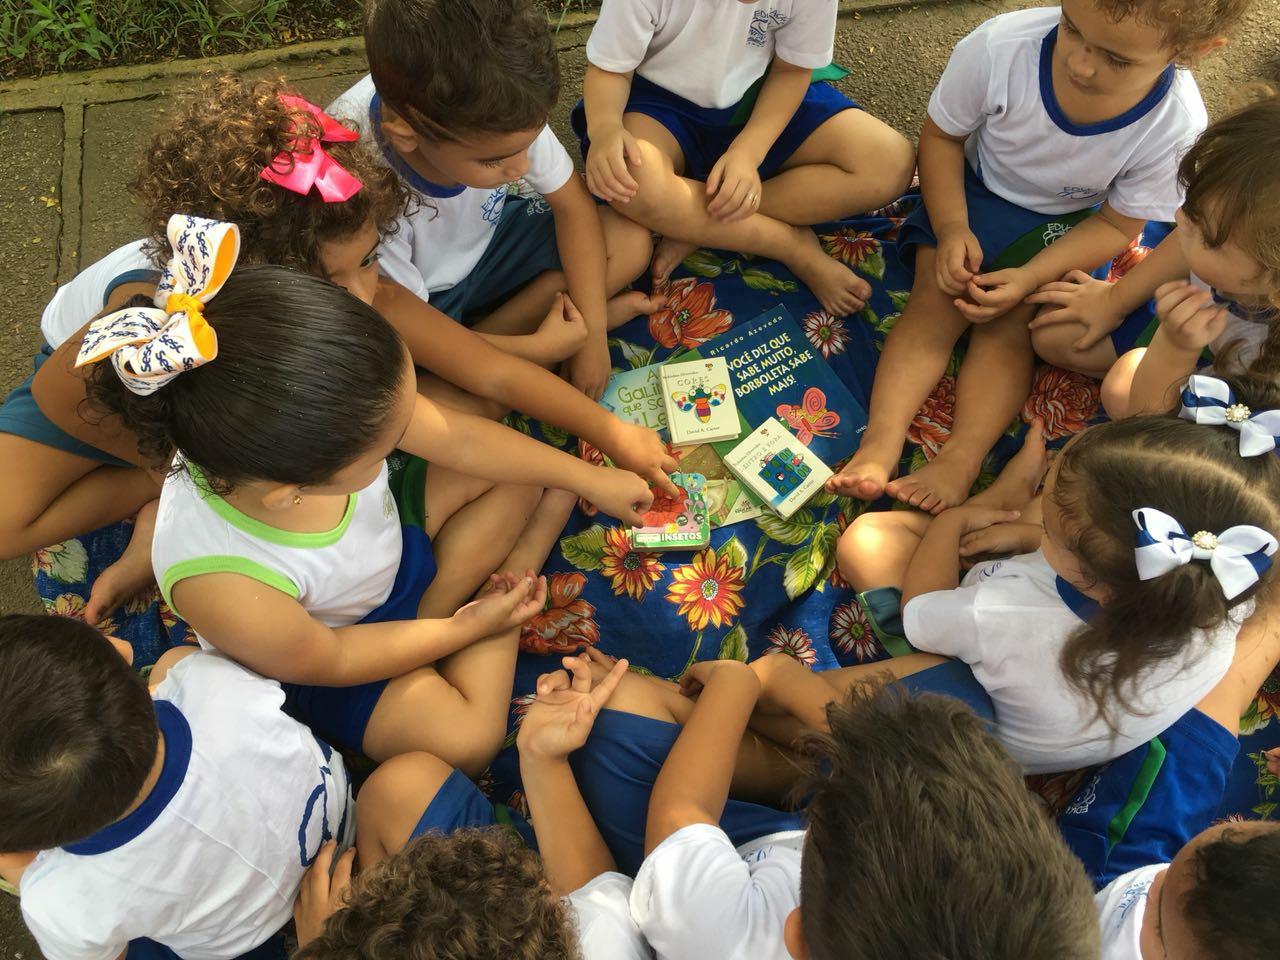 Fim de prazo para as inscrições no processo seletivo na Educação Infantil do Sesc Paranaguá